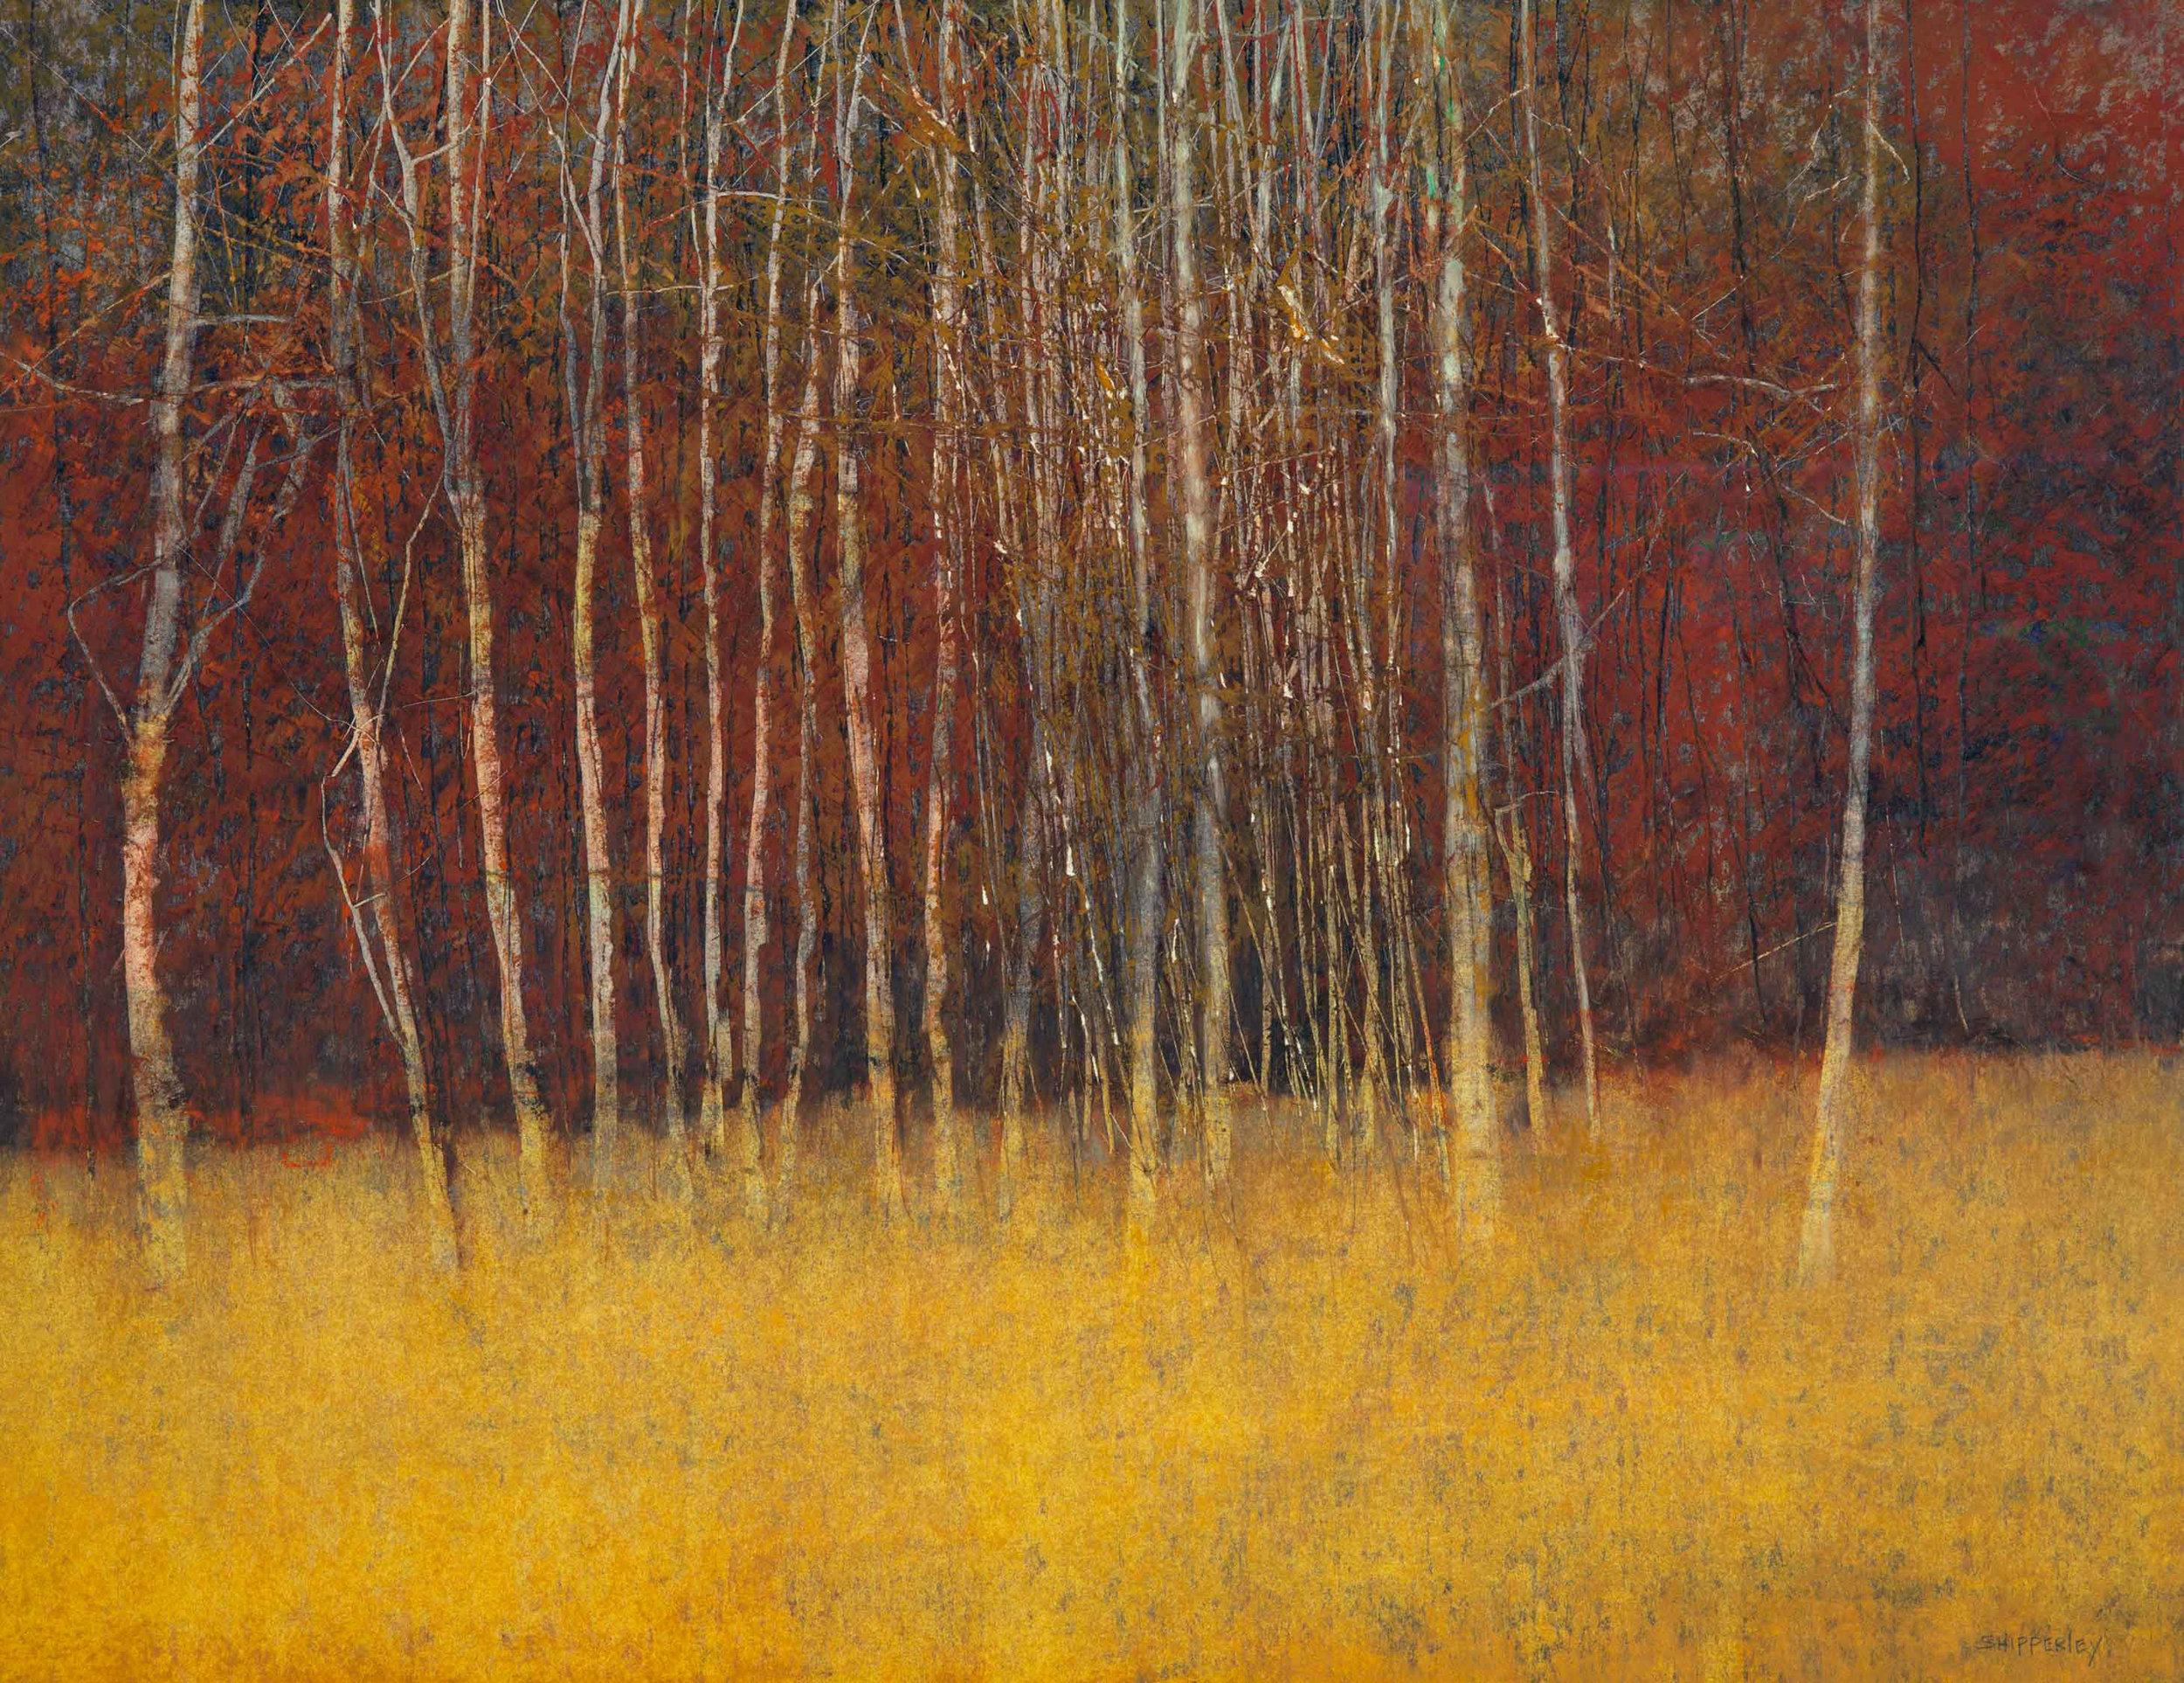 Golden Field